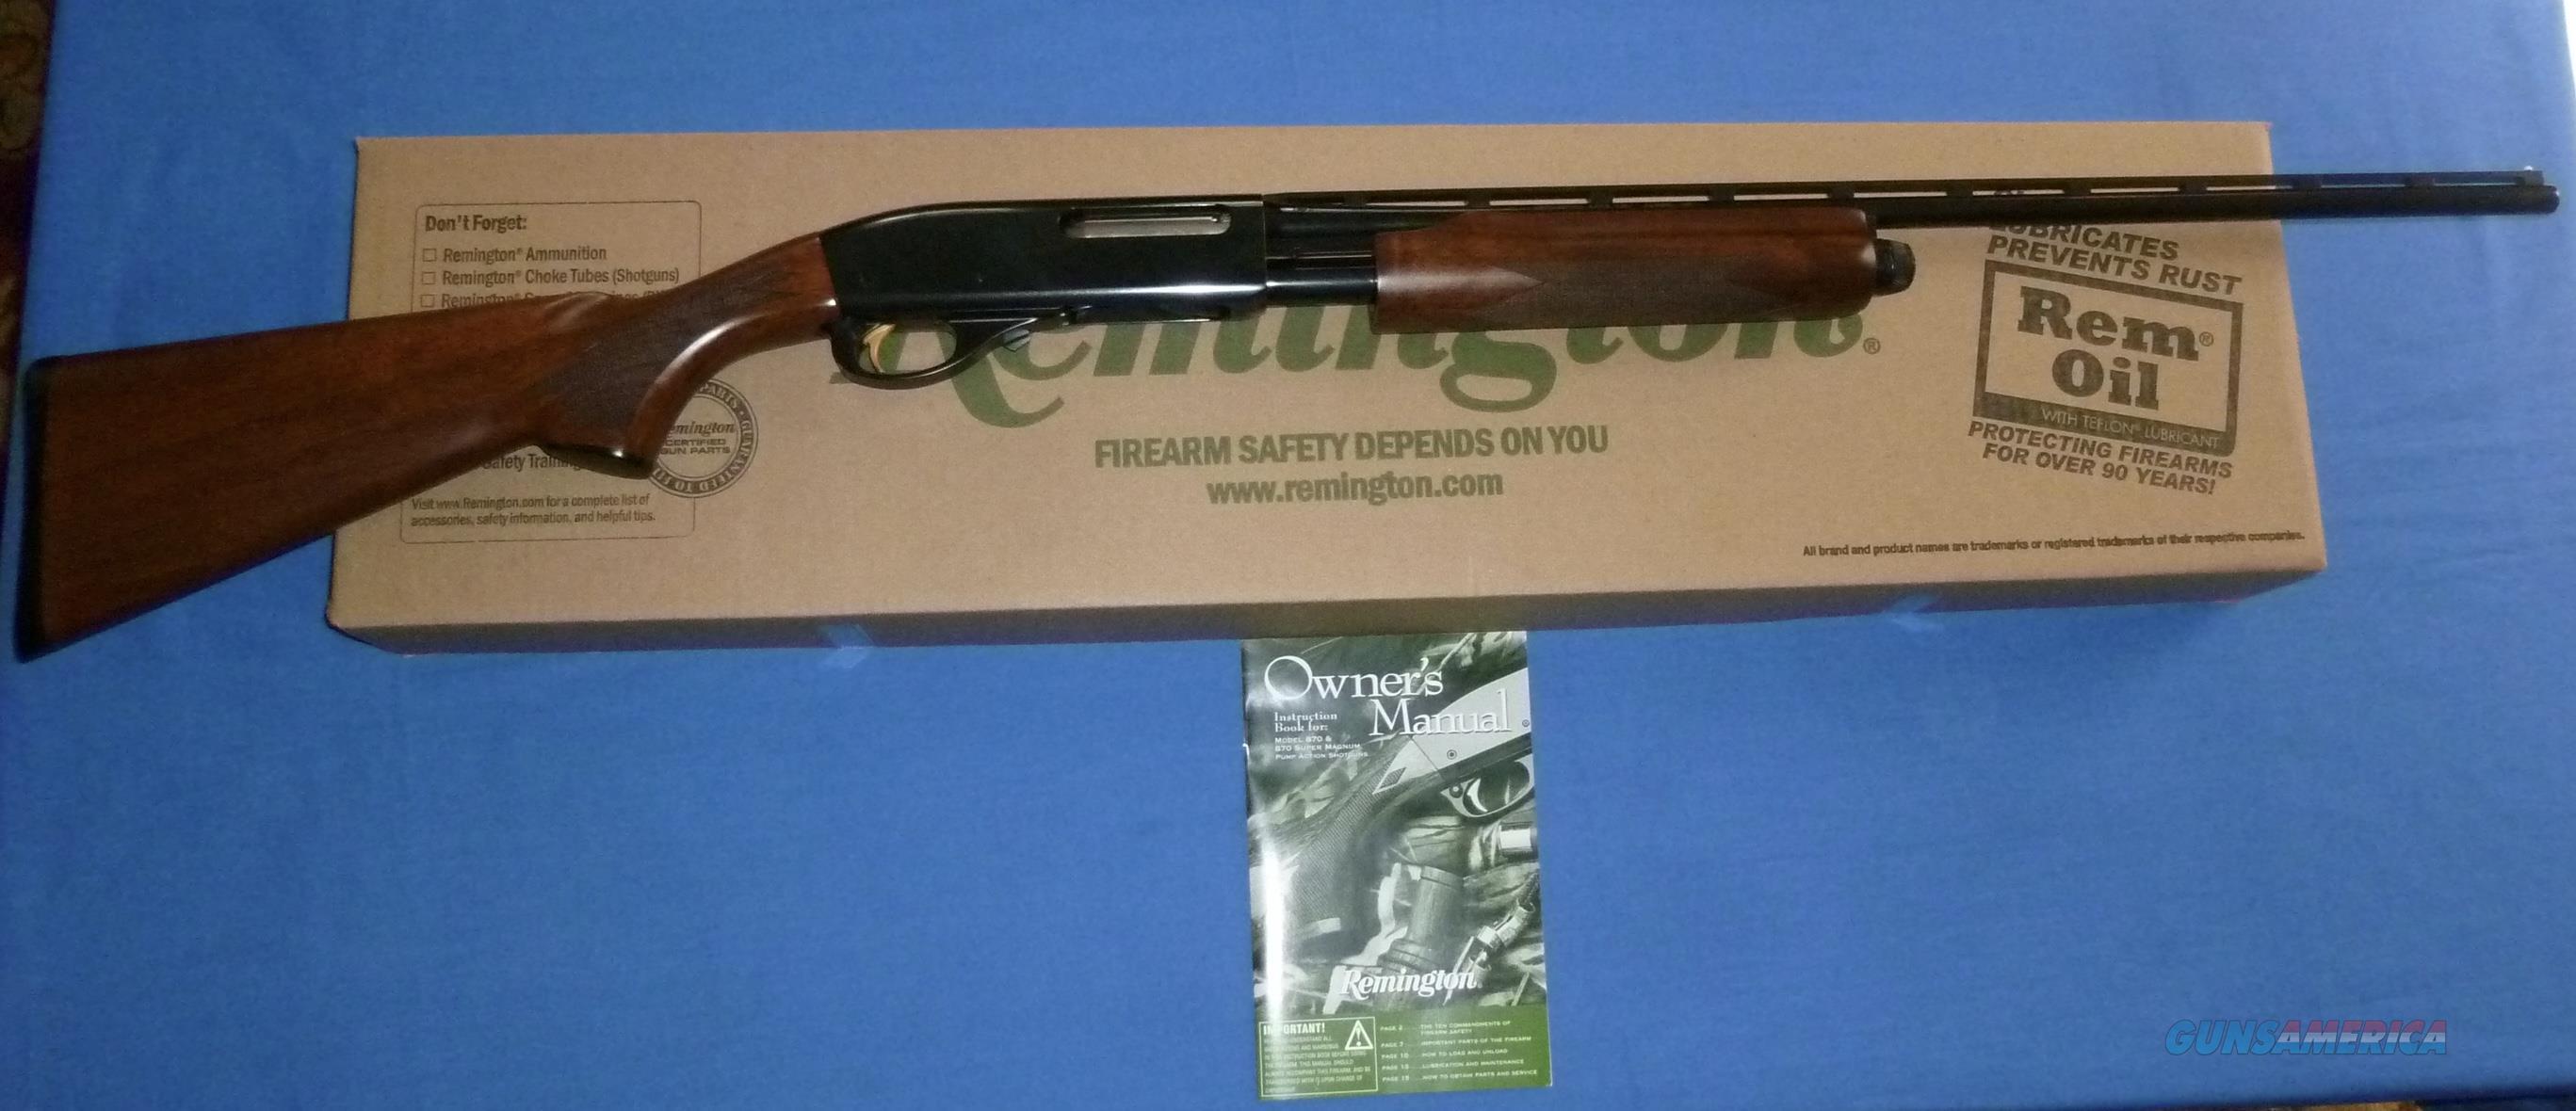 REMINGTON MODEL 870 WINGMASTER 410 GAUGE SHOTGUN  Guns > Shotguns > Remington Shotguns  > Pump > Hunting